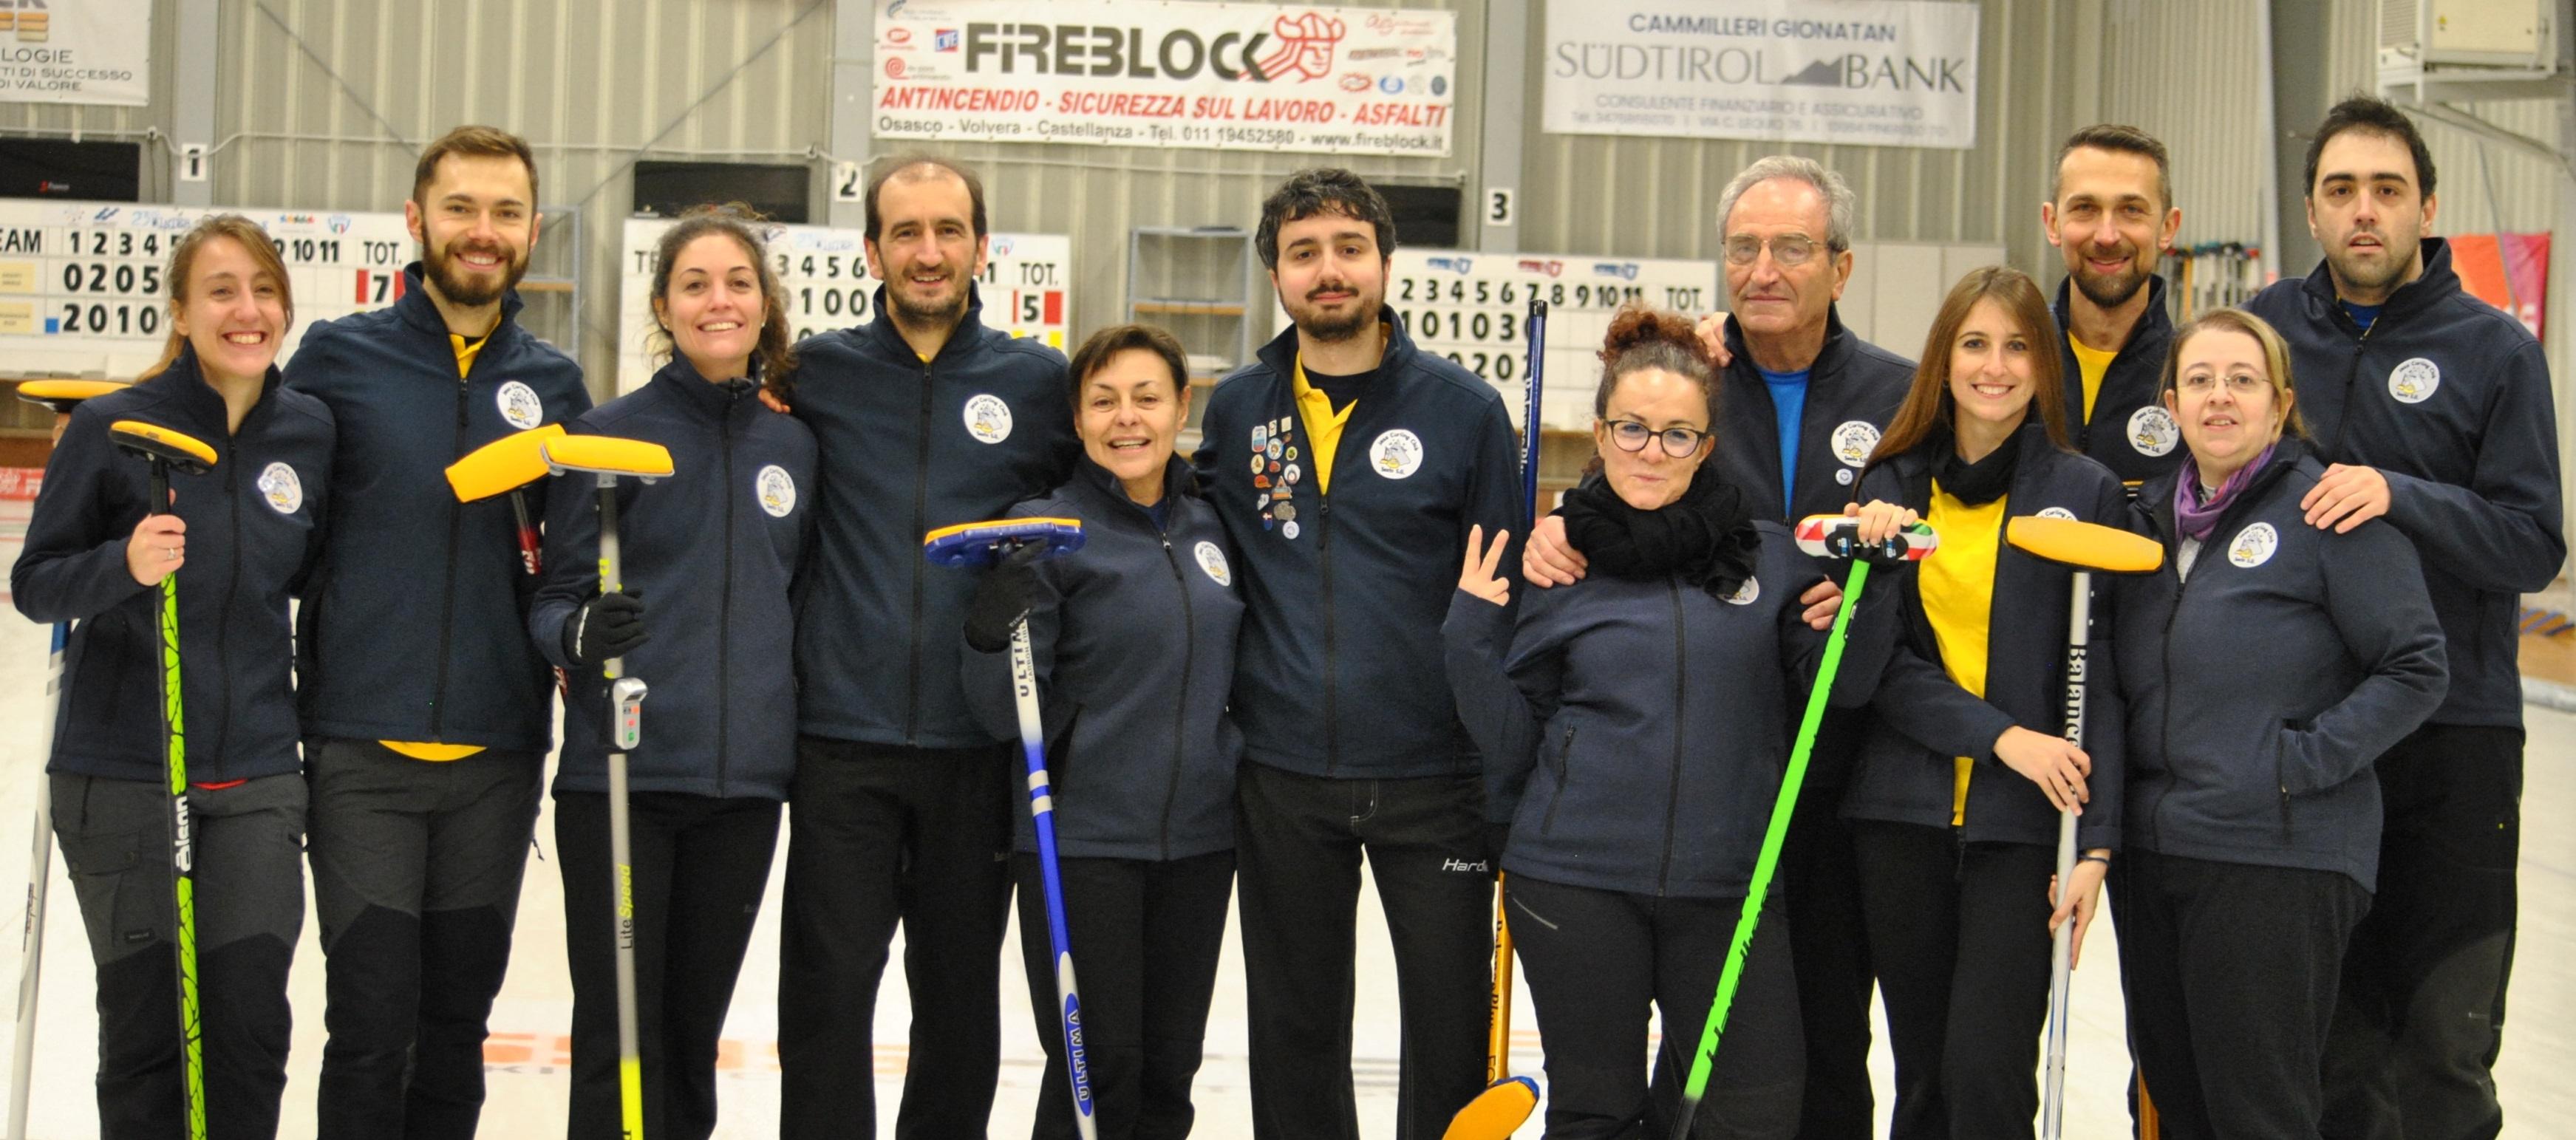 Campionato Mixed Doubles 2019/20 – girone di qualificazione Sesto San Giovanni